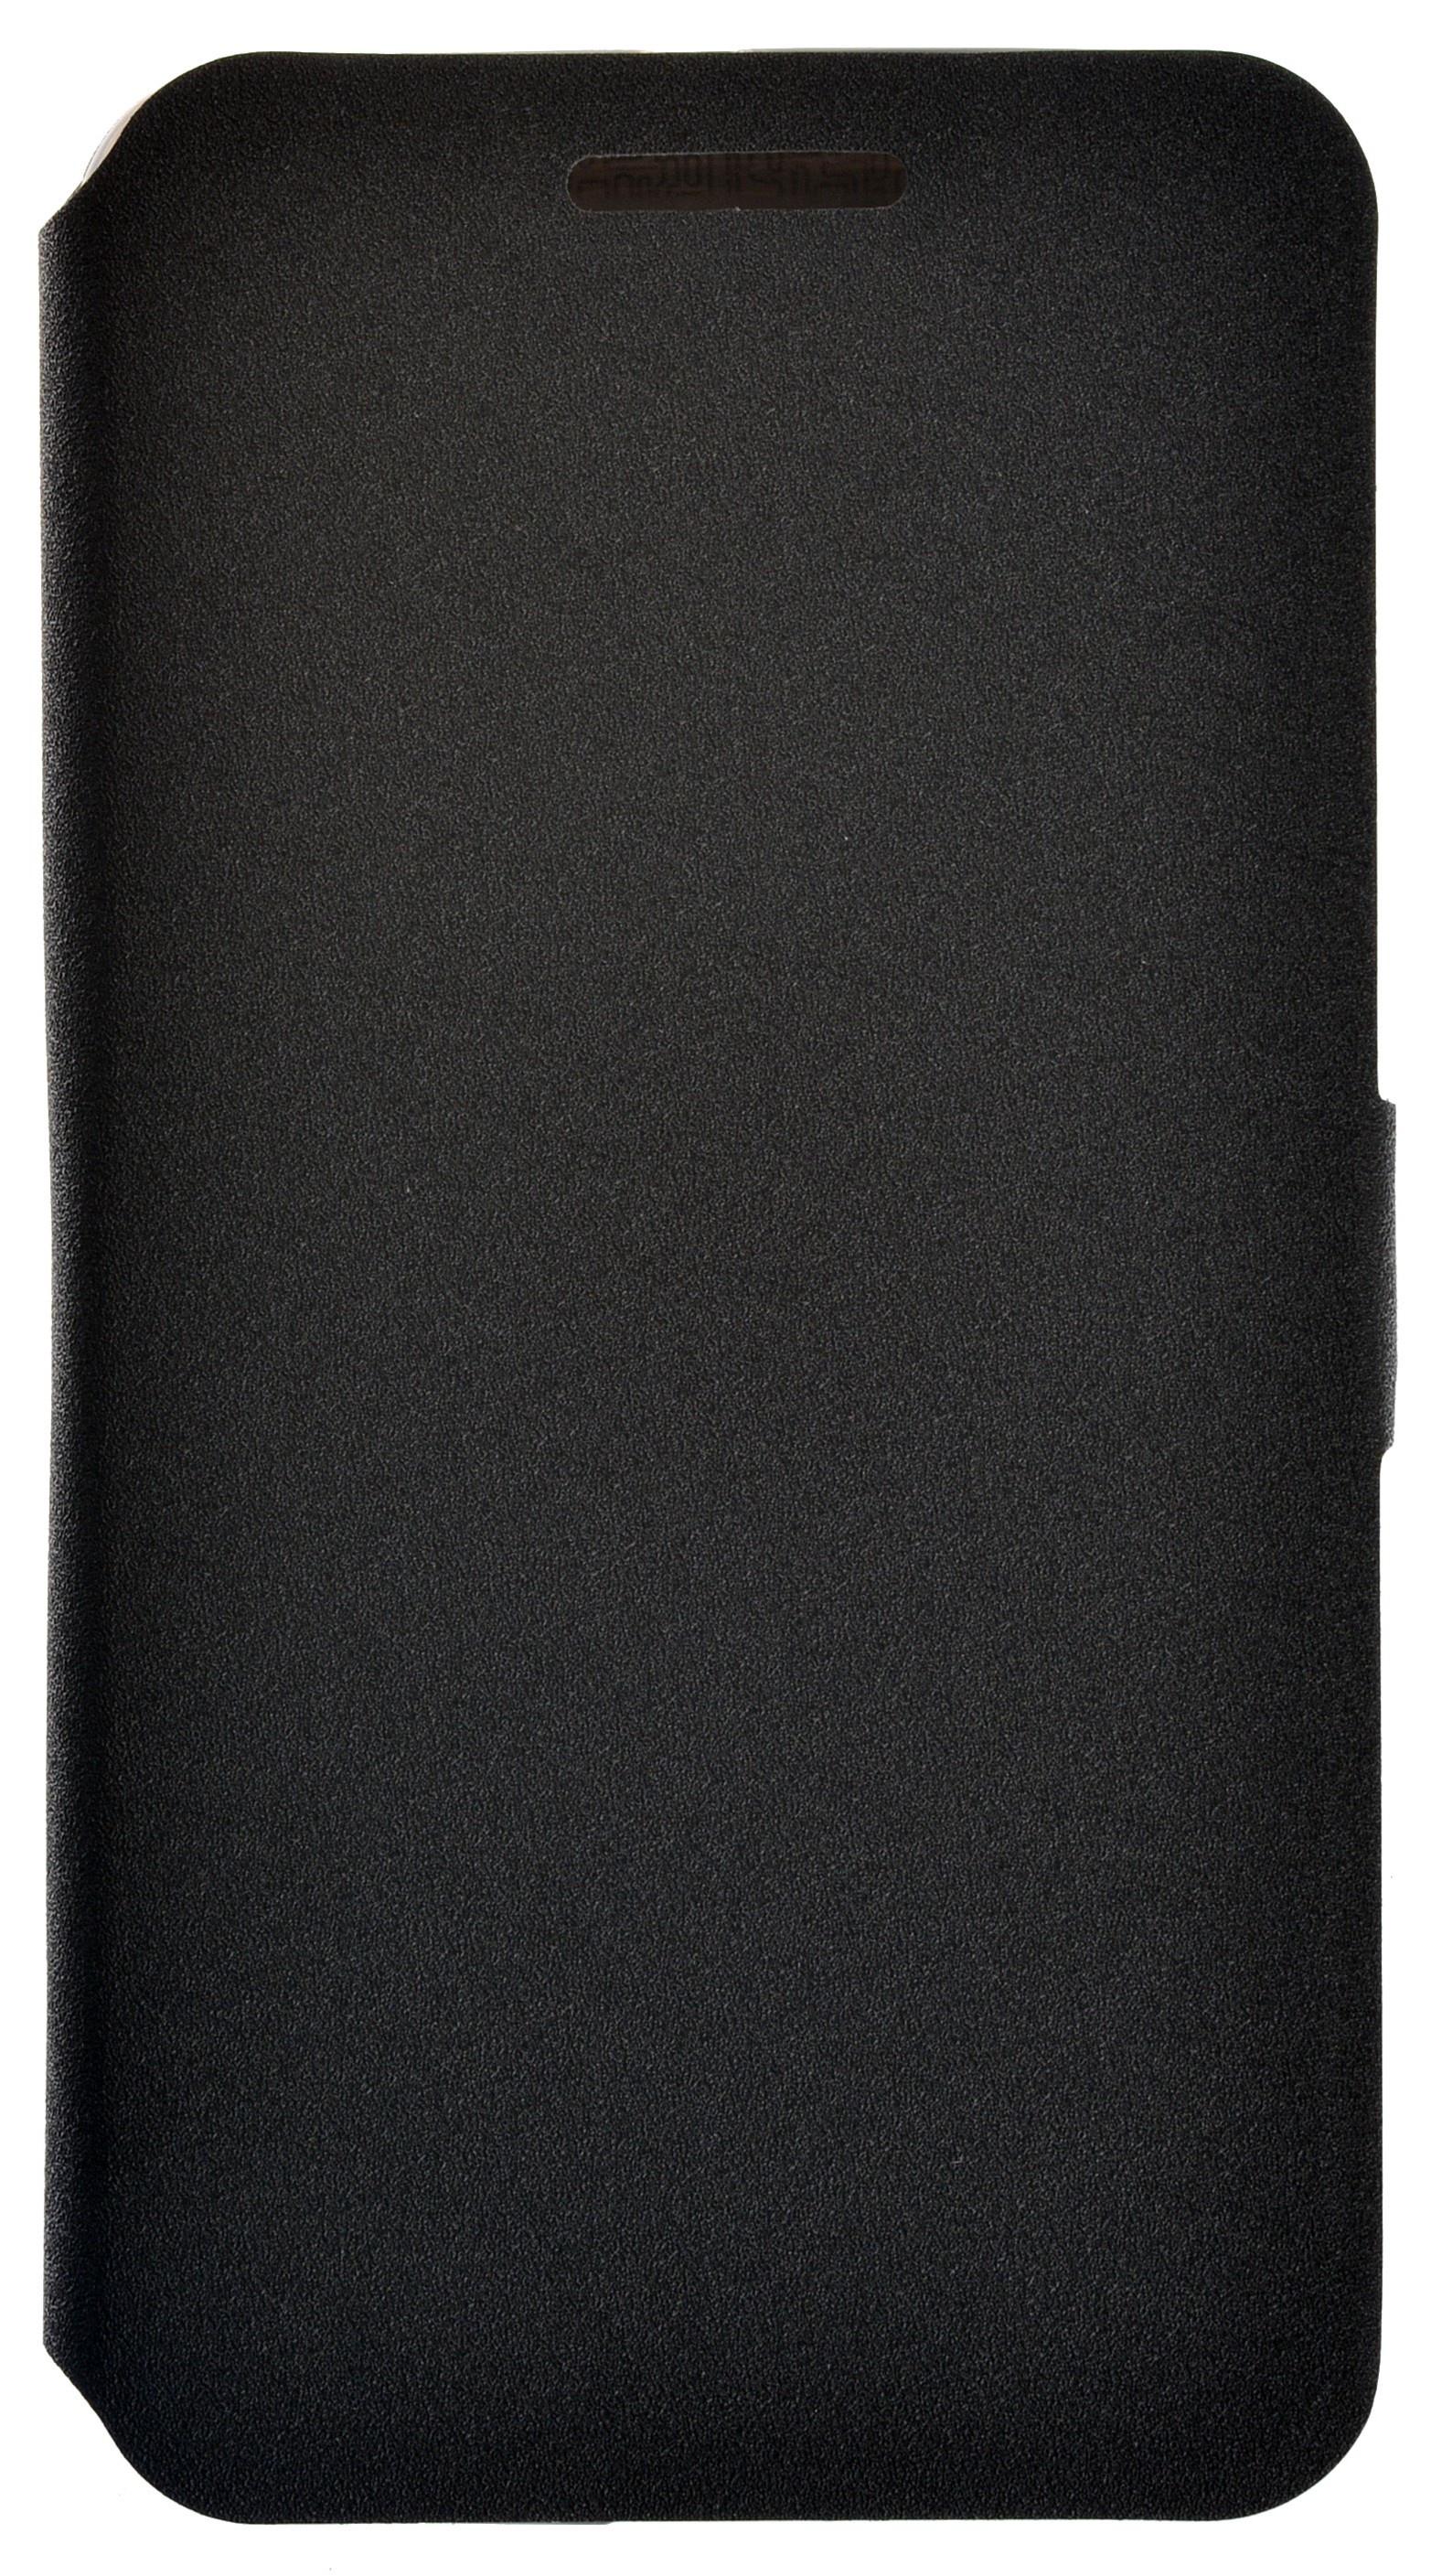 Чехол для сотового телефона PRIME Book, 4630042528222, черный цена